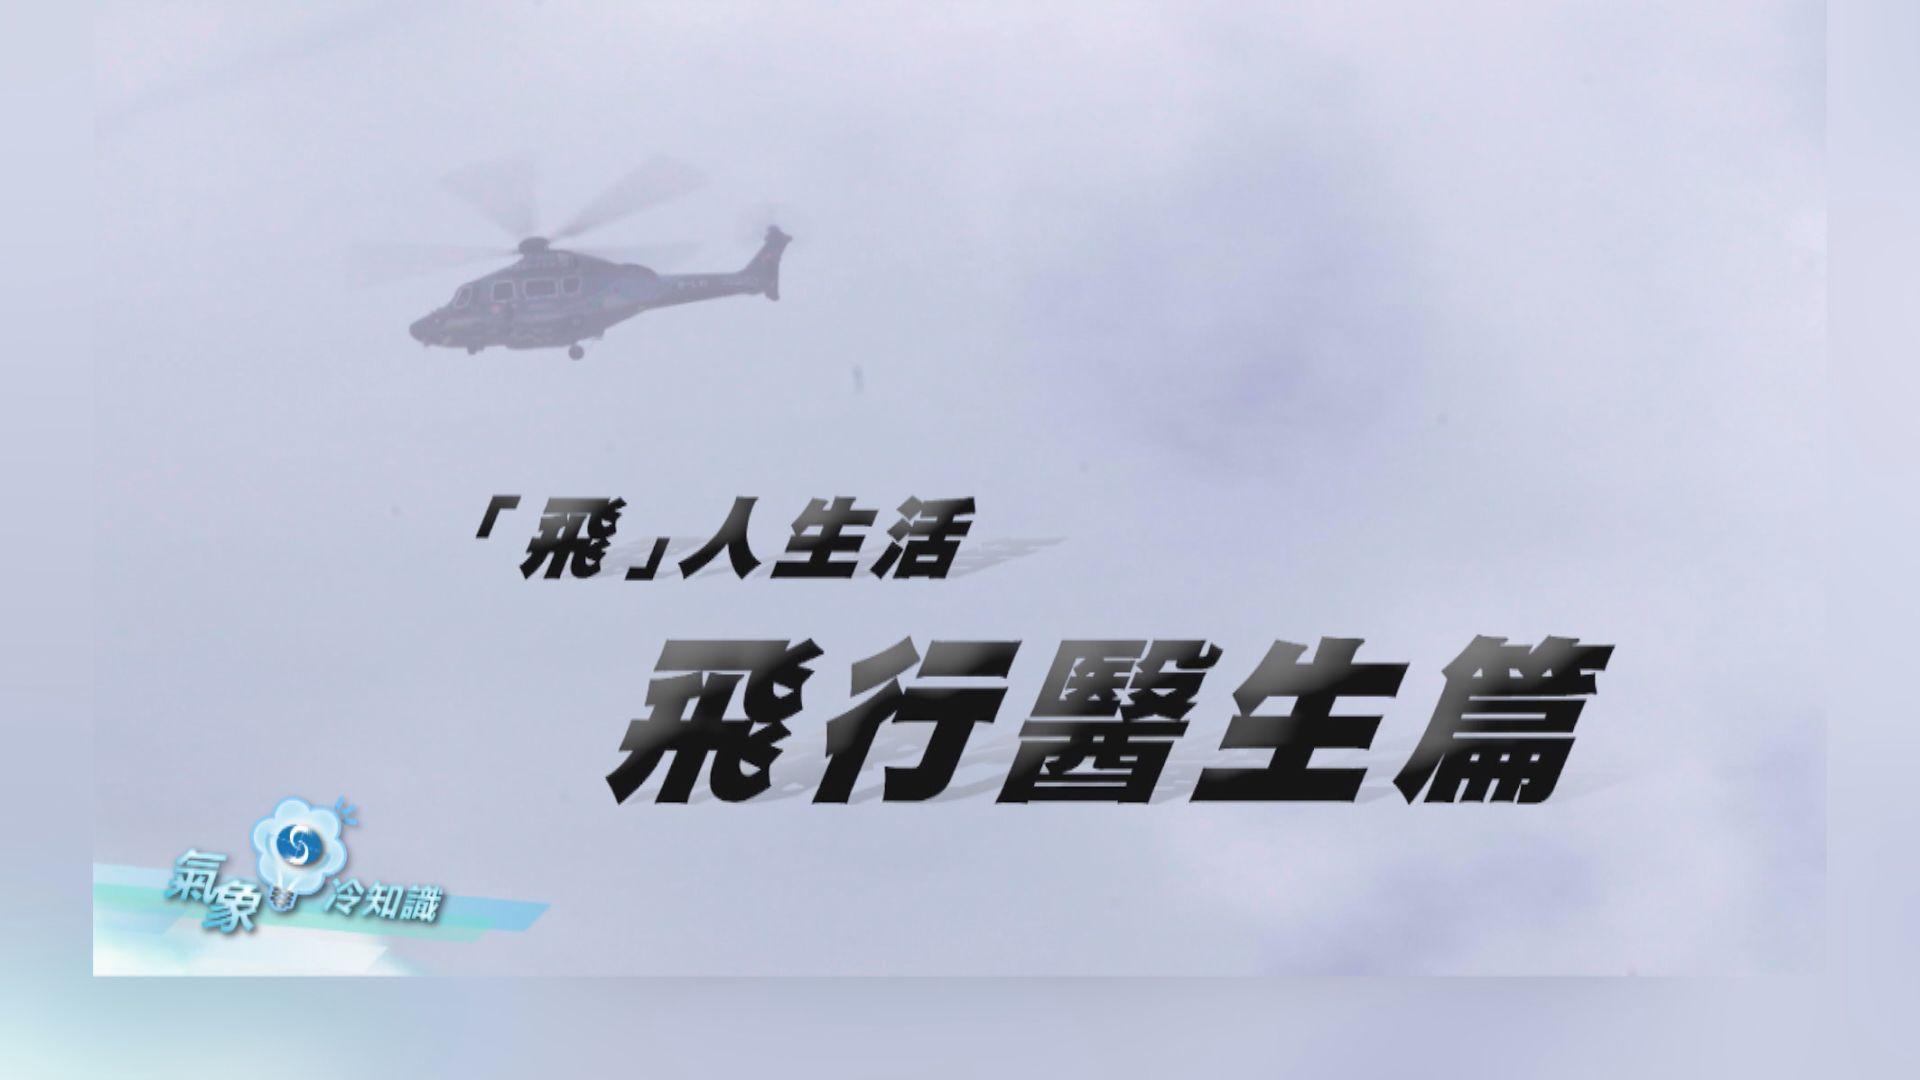 【氣象冷知識】「飛」人生活 ─ 飛行醫生篇